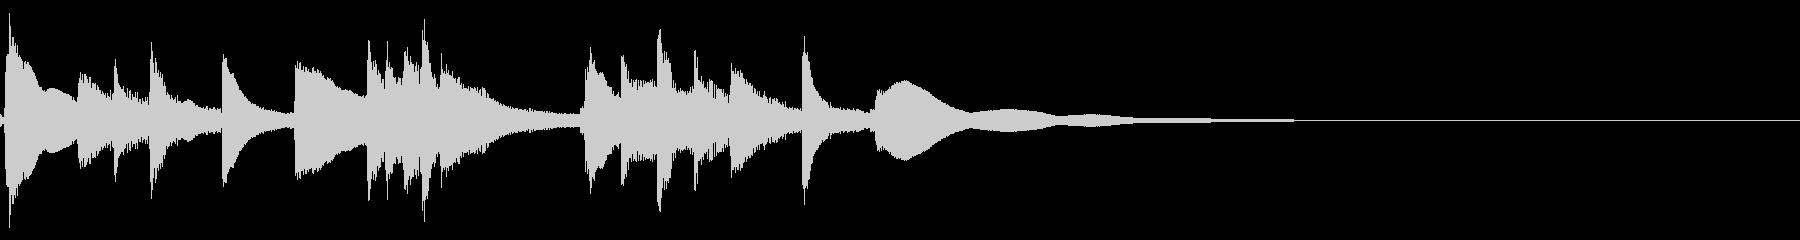 琴☆アイキャッチ3の未再生の波形